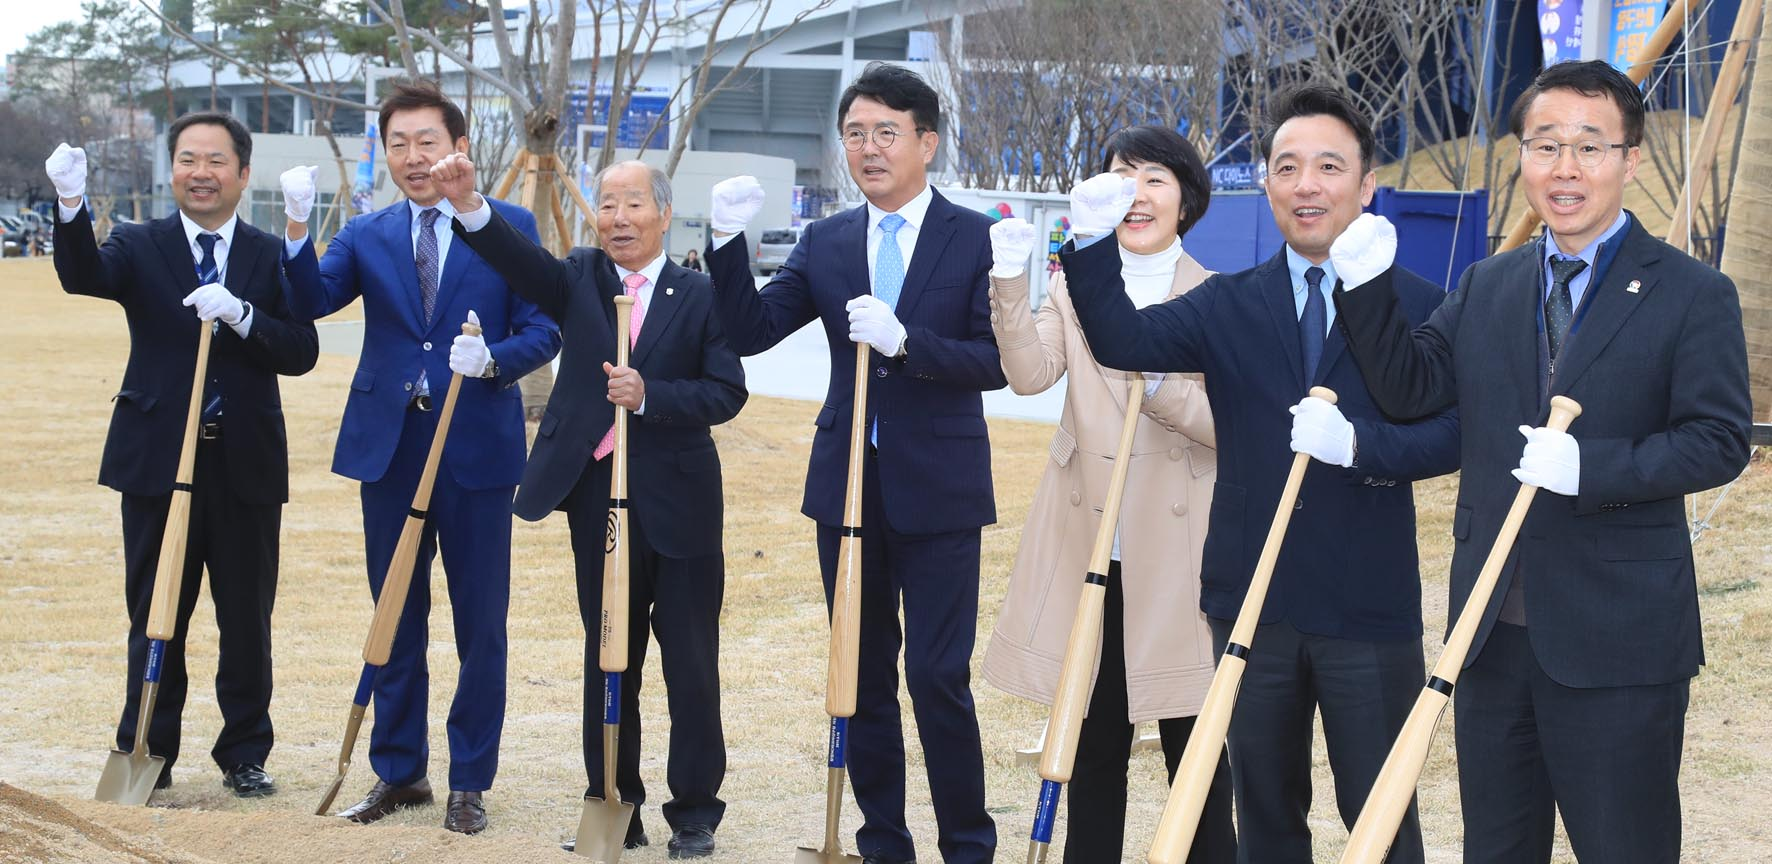 창원NC파크마산구장 개장식 개최 2 번째 이미지